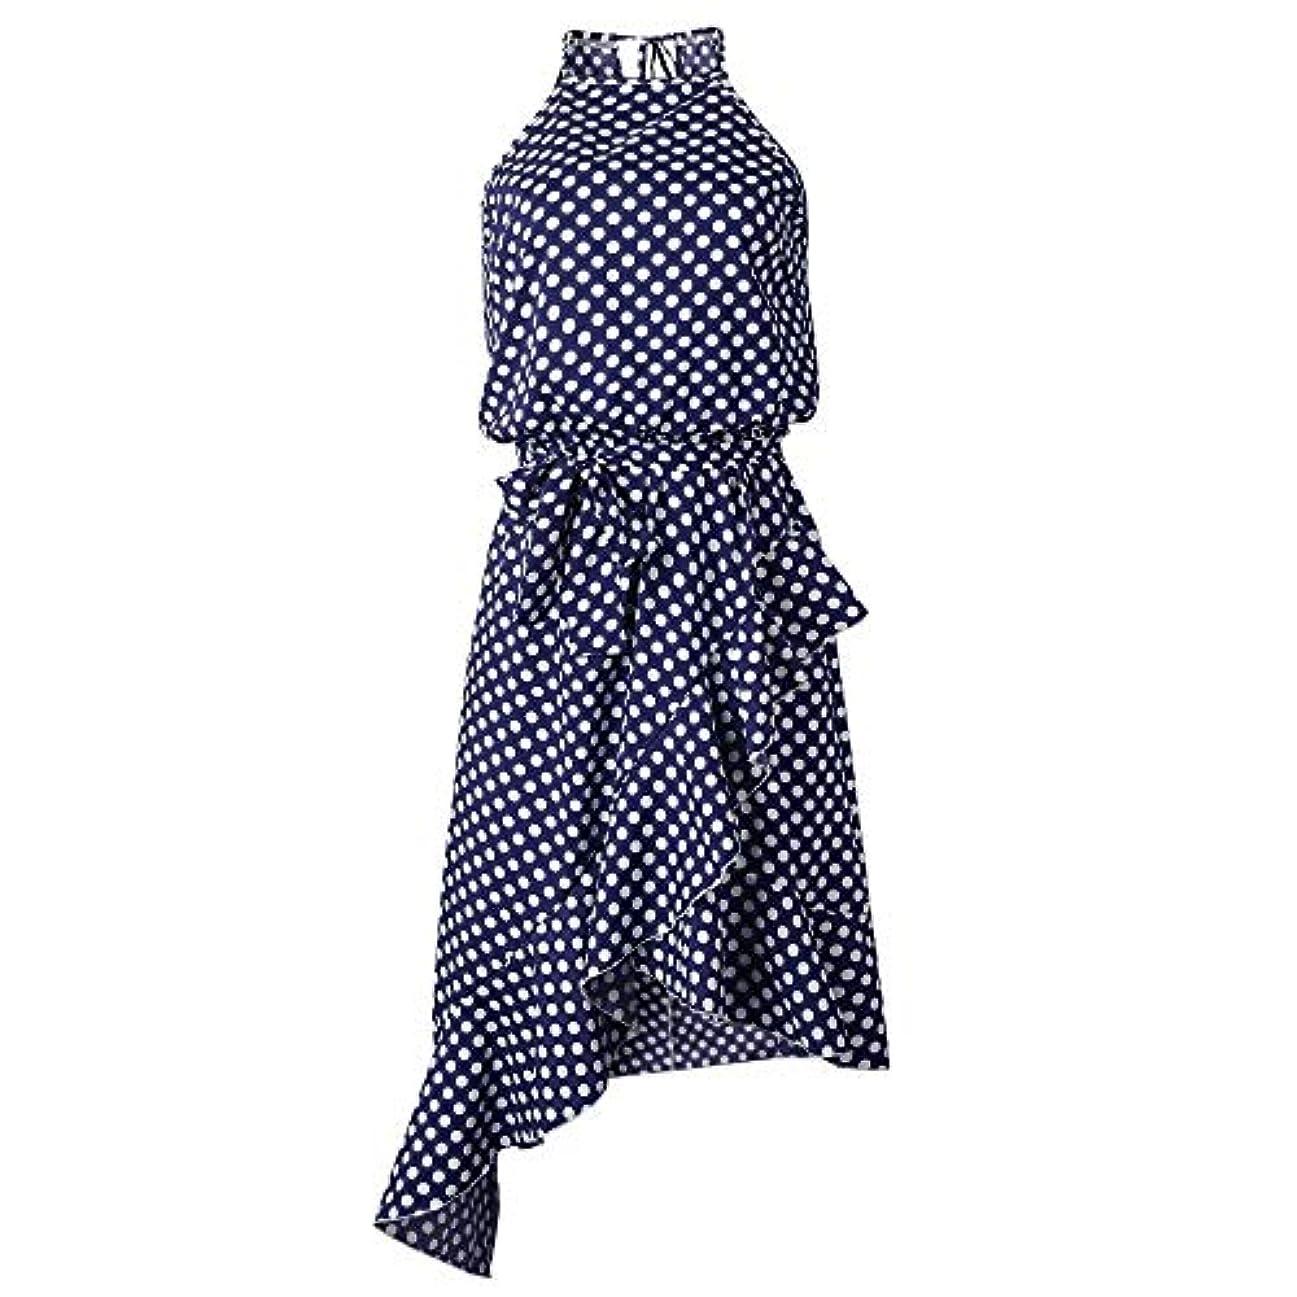 スナップ過言伝導Onderroa - 夏のドレスの女性の新しいファッションホルターポルカドットプリントカジュアルドレスレディースフリルエレガントなドレス